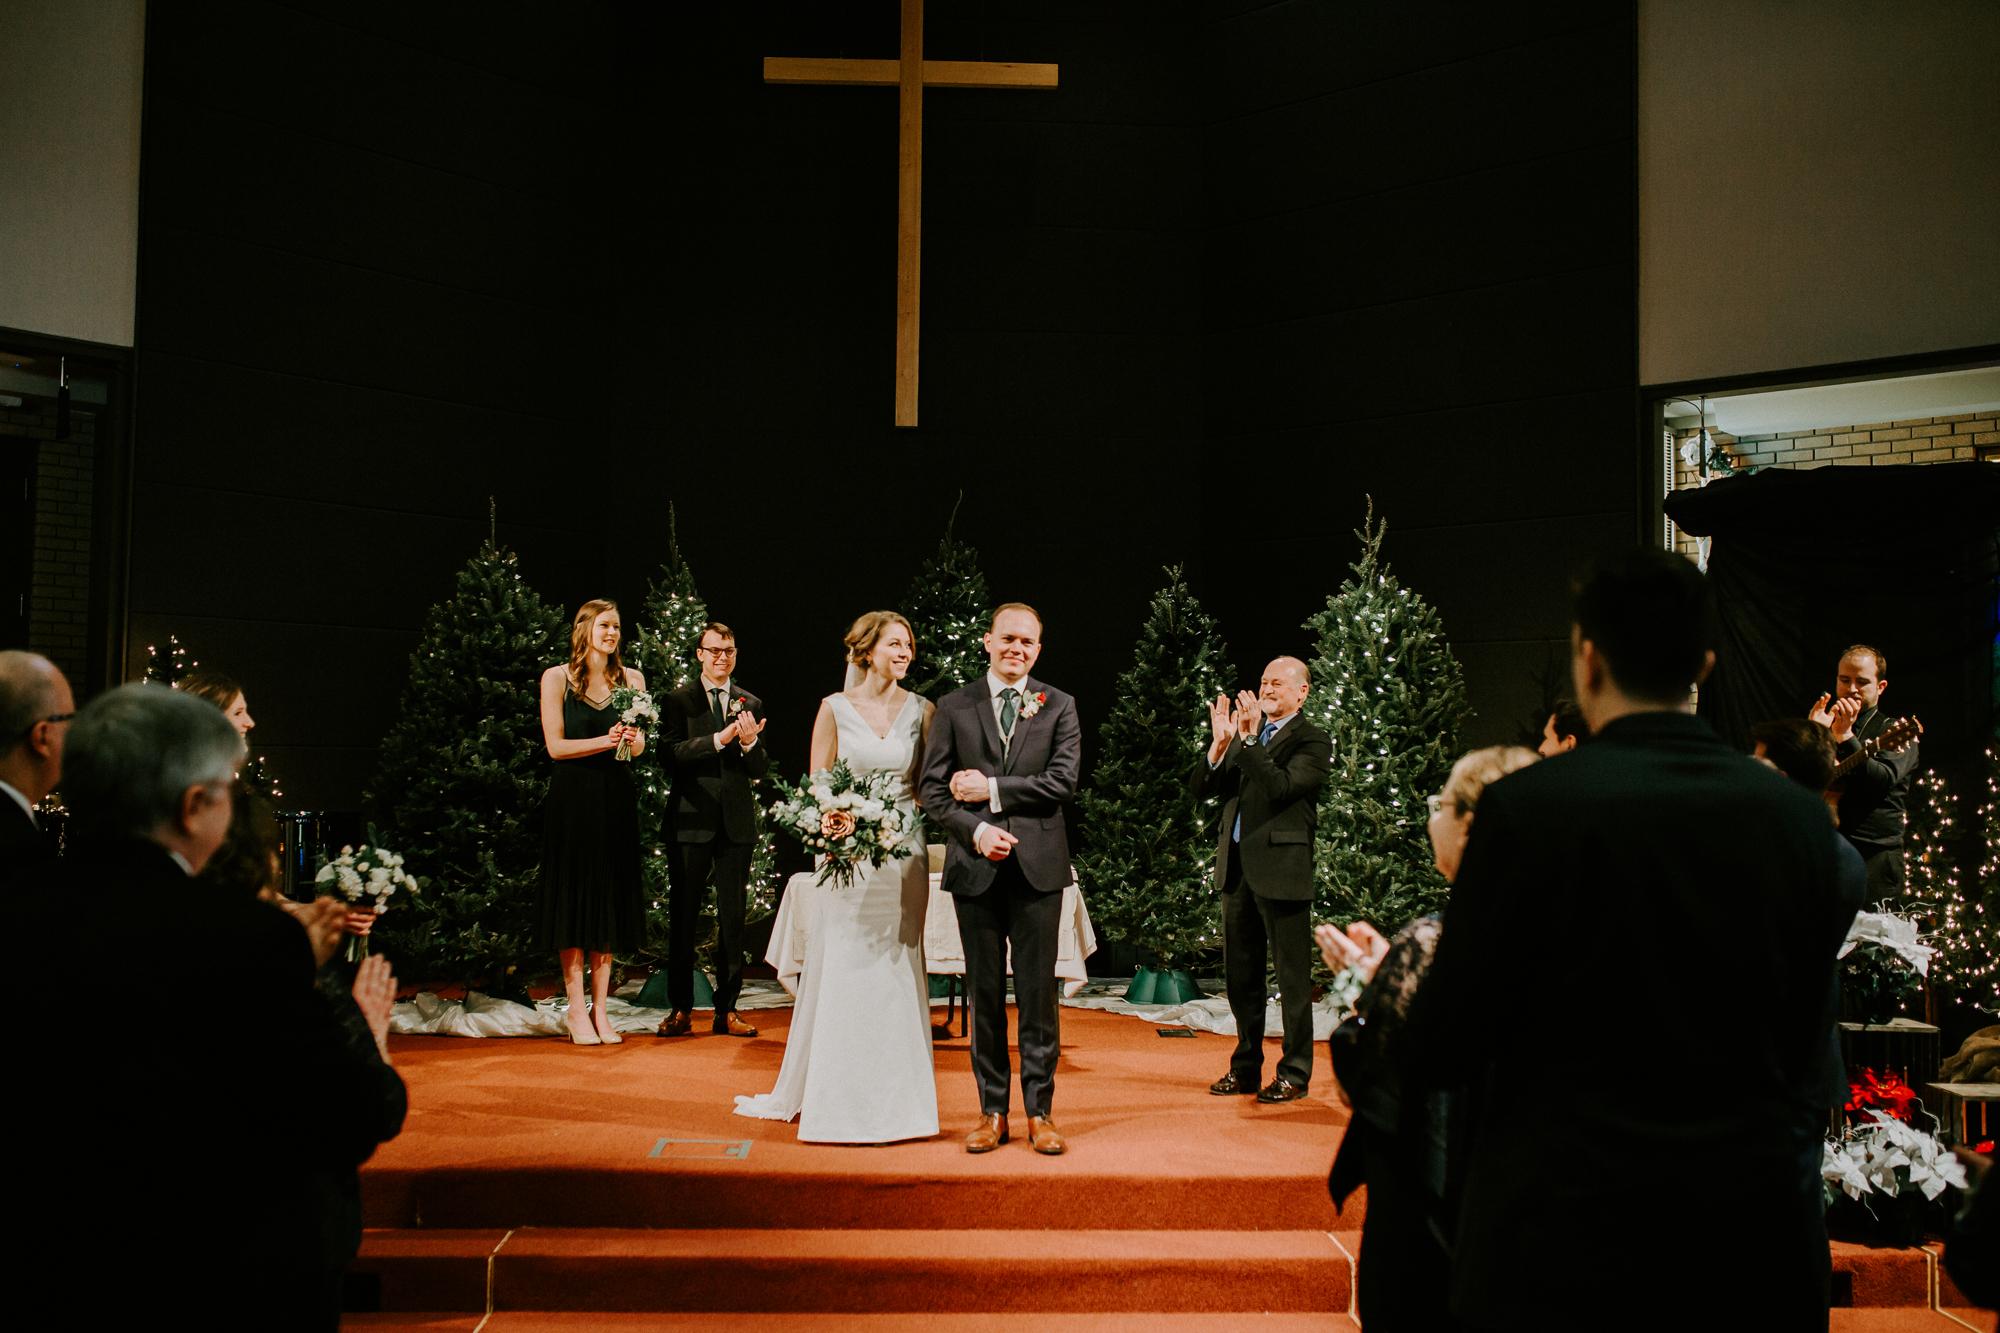 calgary-zoo-wedding-17.jpg